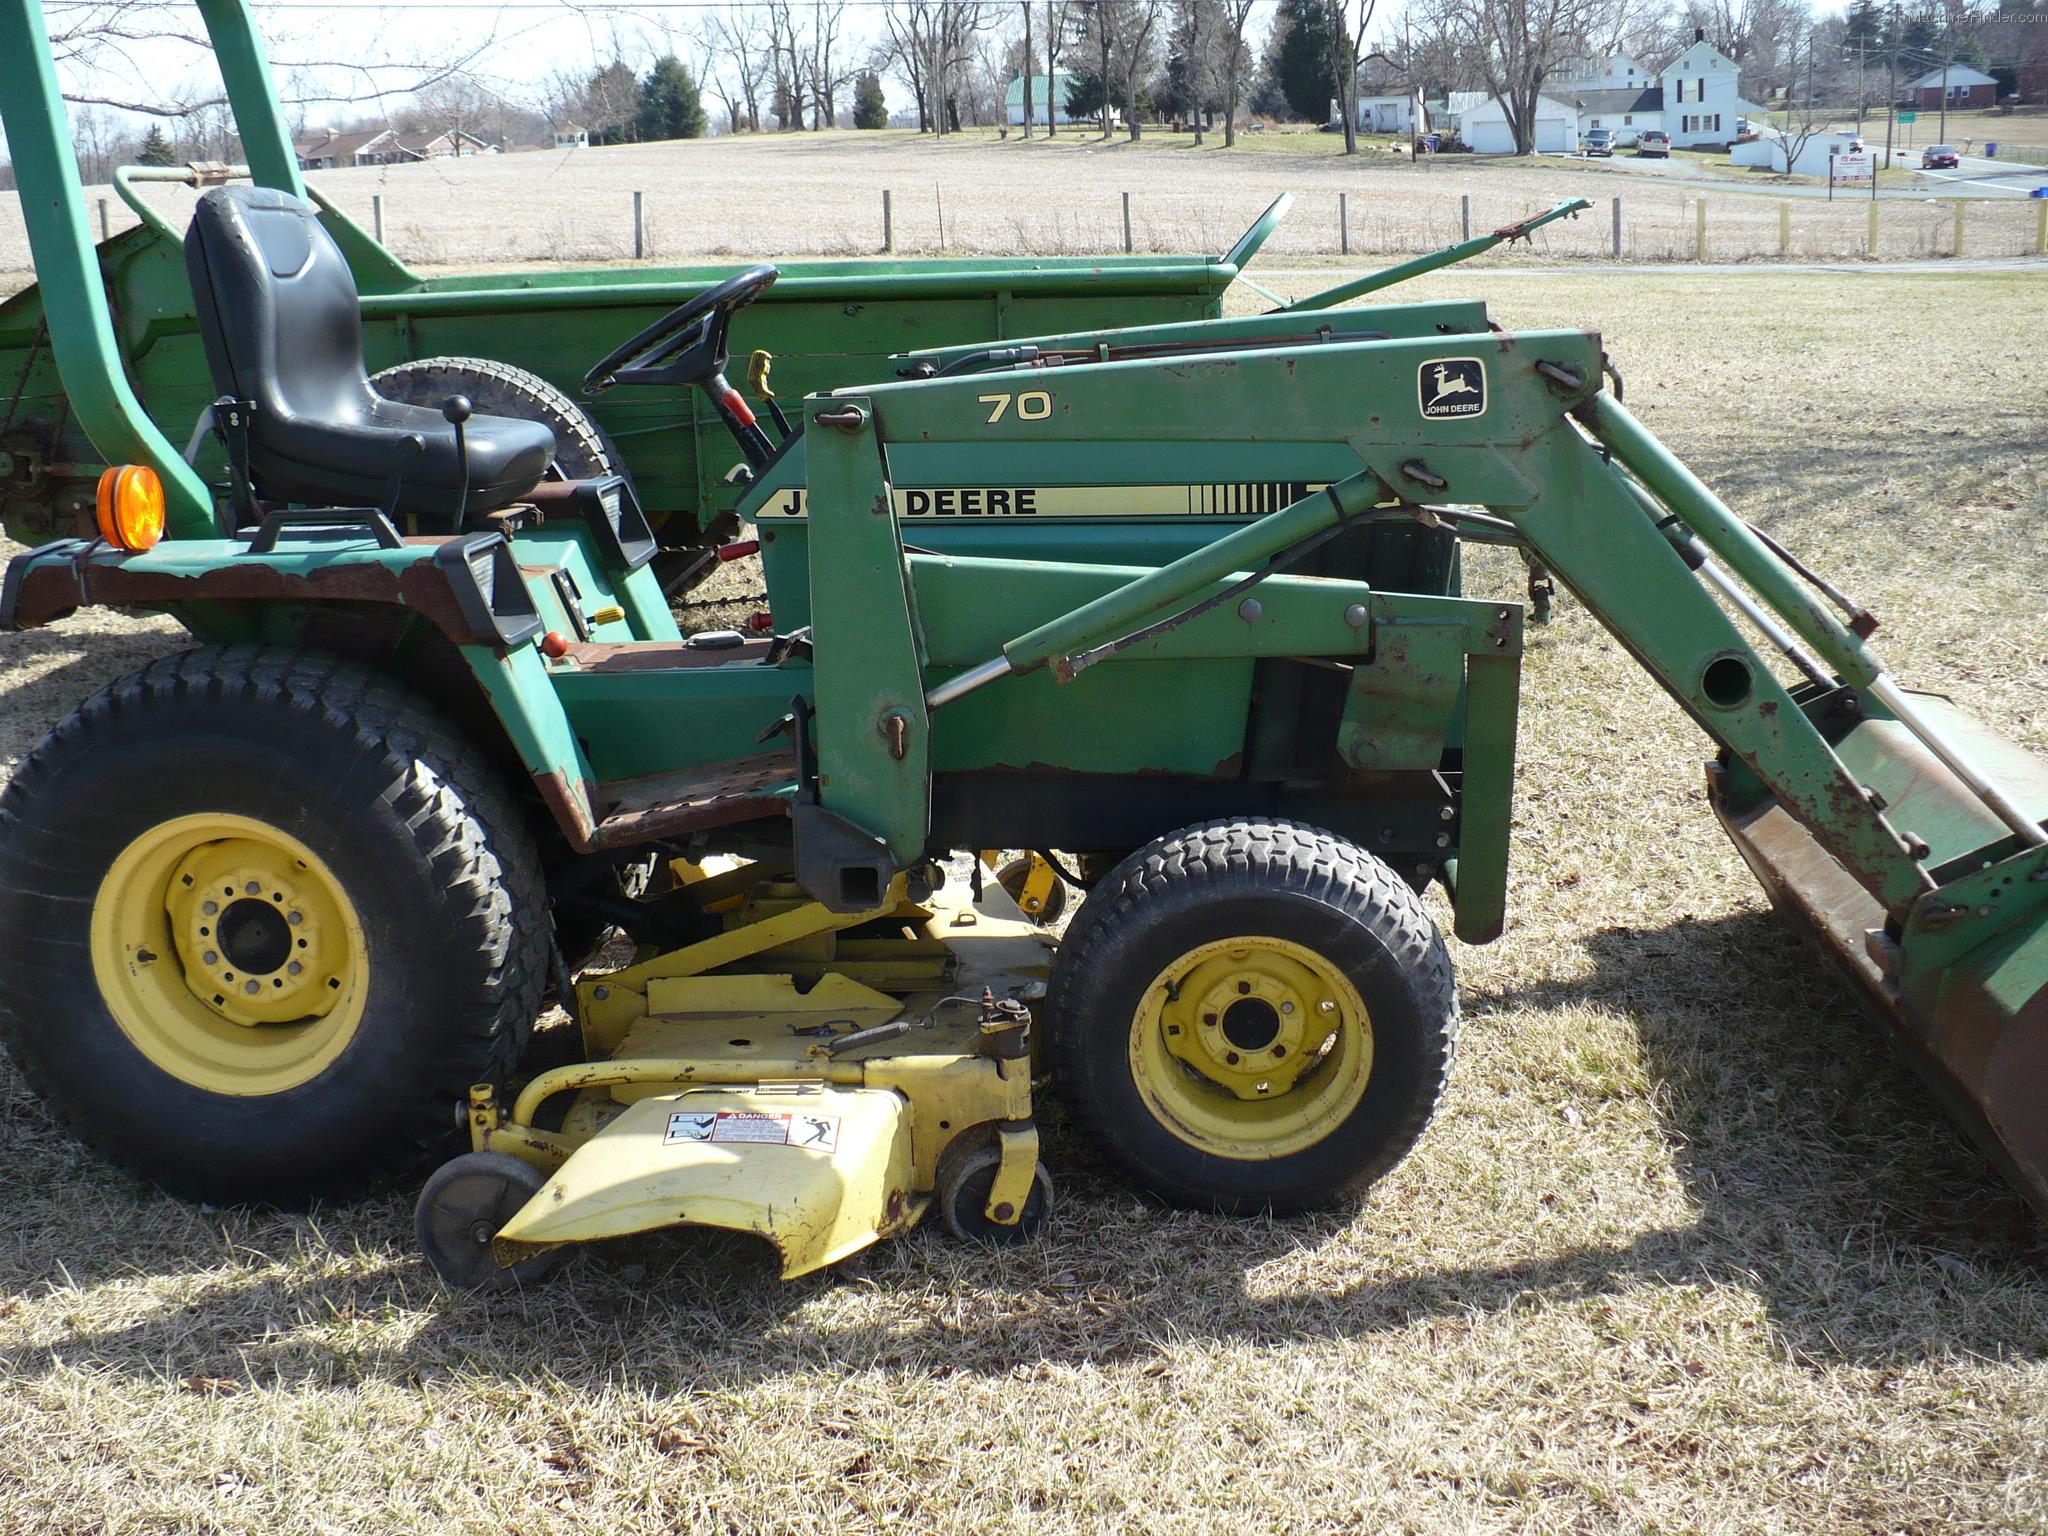 1989 john deere 755 tractors compact 1 40hp john deere machinefinder. Black Bedroom Furniture Sets. Home Design Ideas